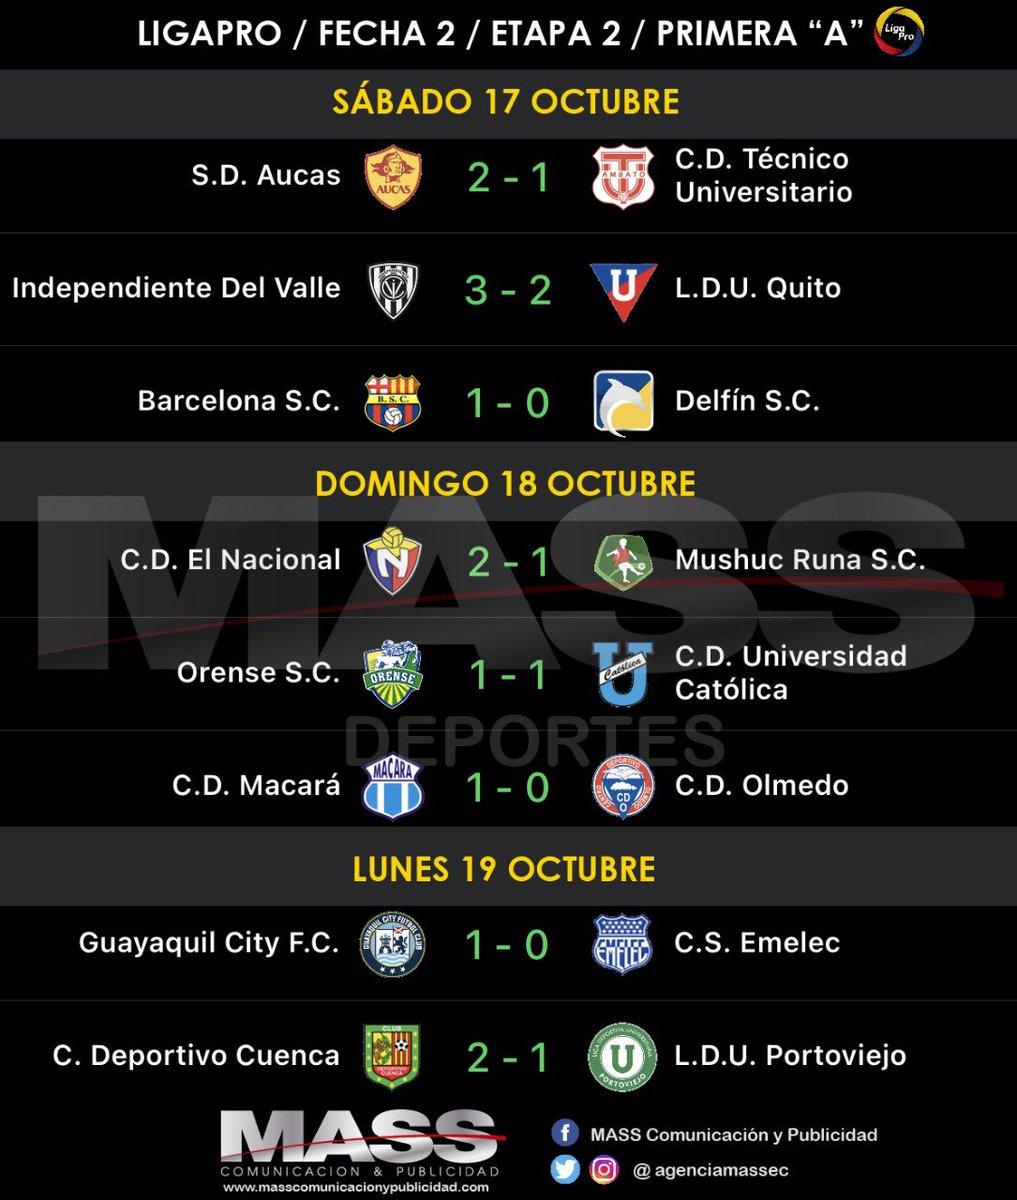 Estos fueron los resultados que se dieron en la #Jornada2 #Fase2 de la #LigaProSerieA ⚽️🇪🇨  #LigaPro #Ecuador https://t.co/3G749Lr8Si